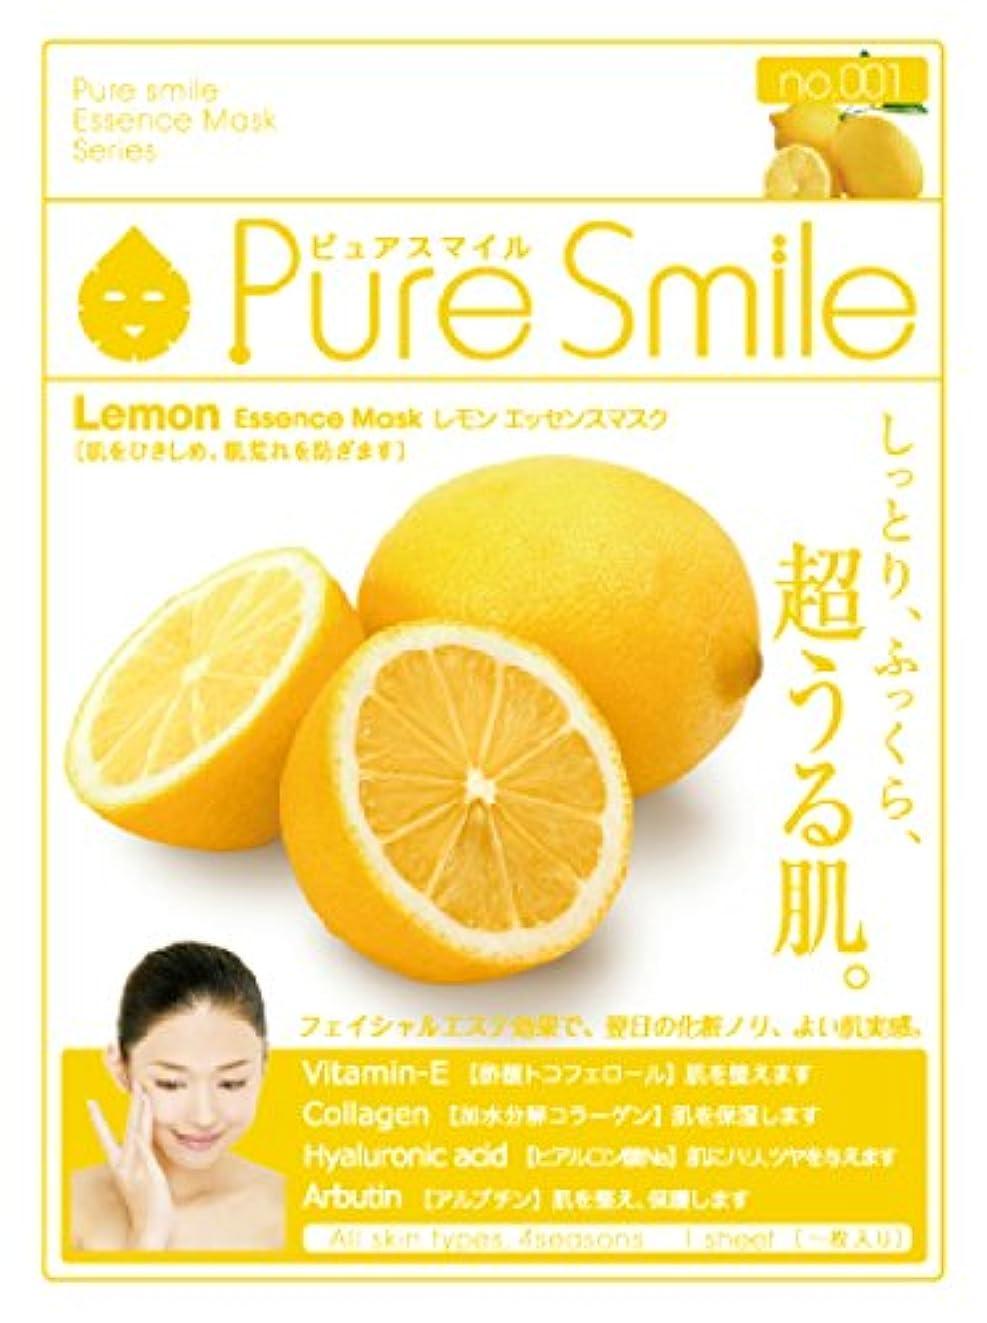 商品専門満州Pure Smile エッセンスマスク レモン 23ml?30枚